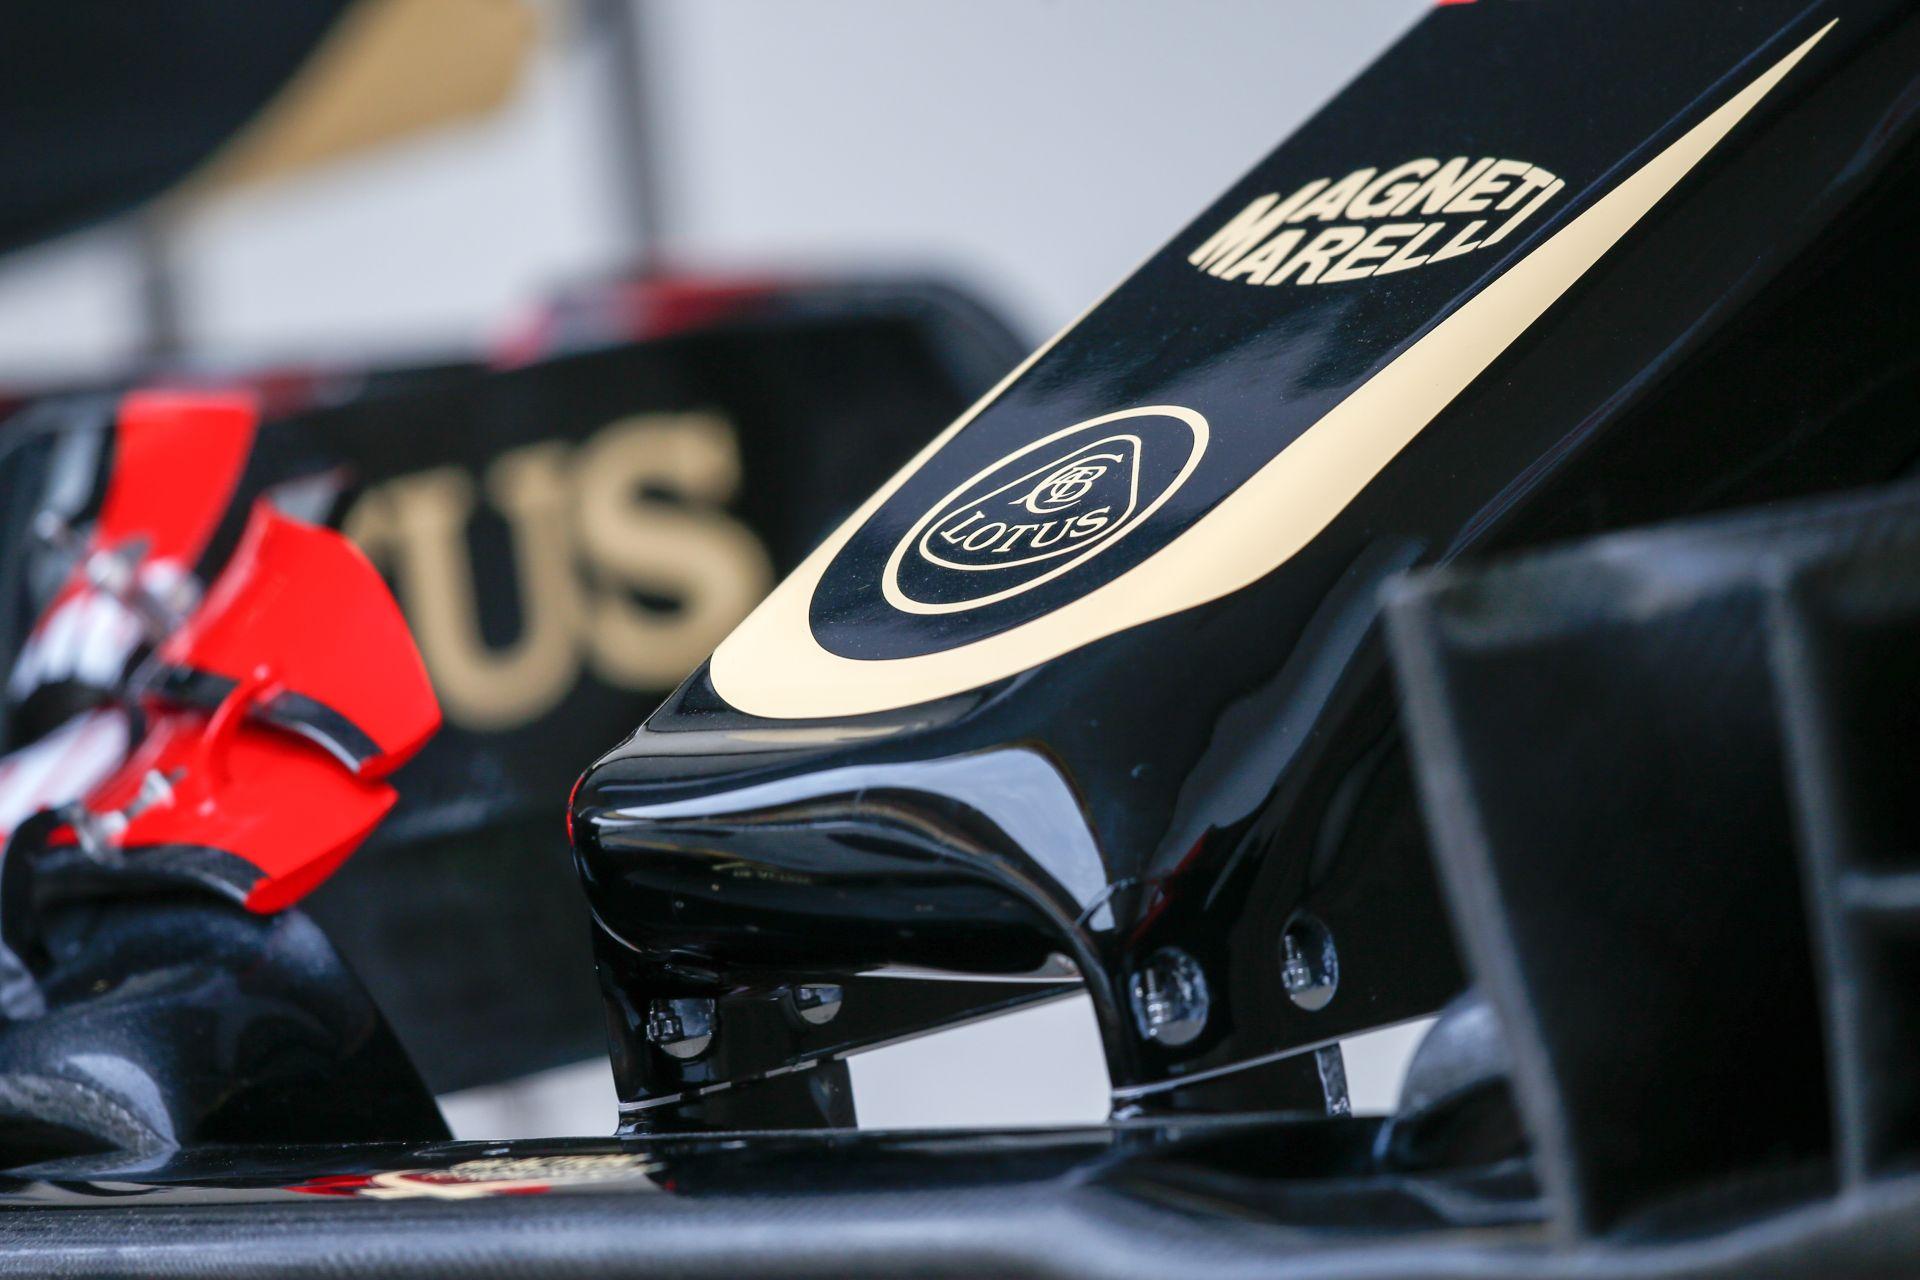 A Lotus új orra nem ment át a törésteszten, miközben a csapat egy mechanikus trükkön dolgozik